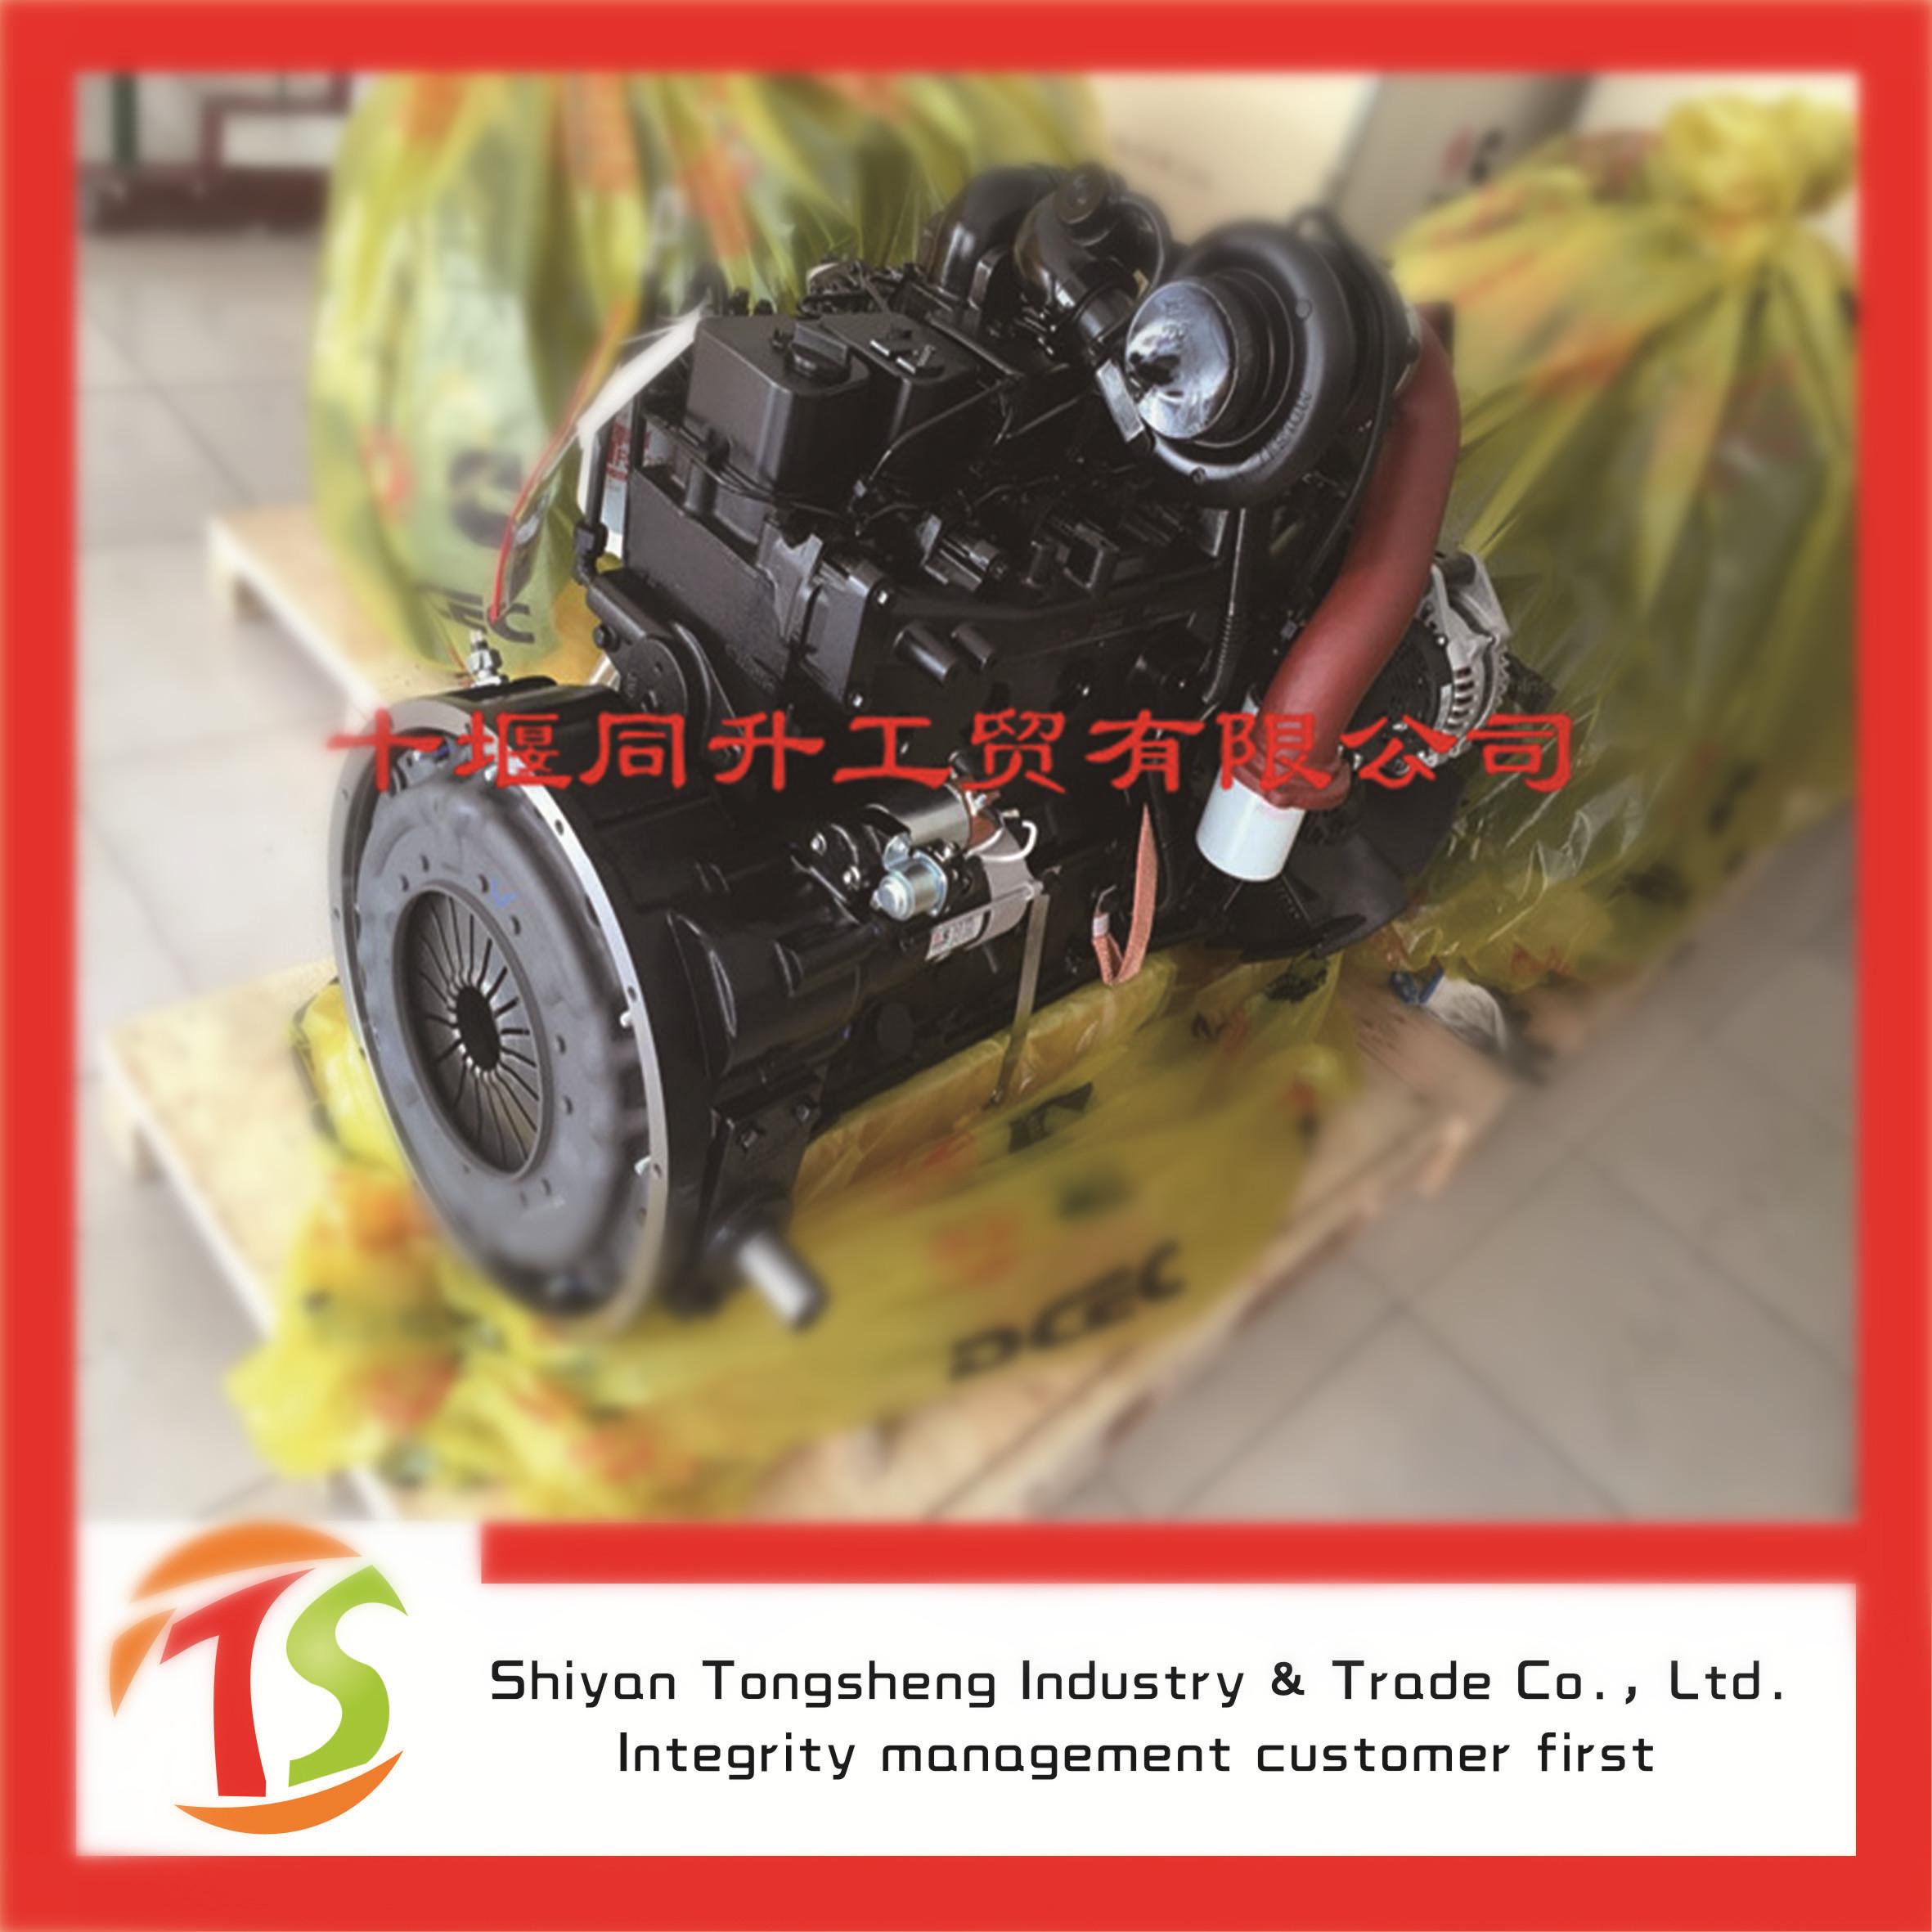 东风康明斯QSZ-G7全新6缸电控电喷发电机组发动机总成-小松柳工平地机挖机